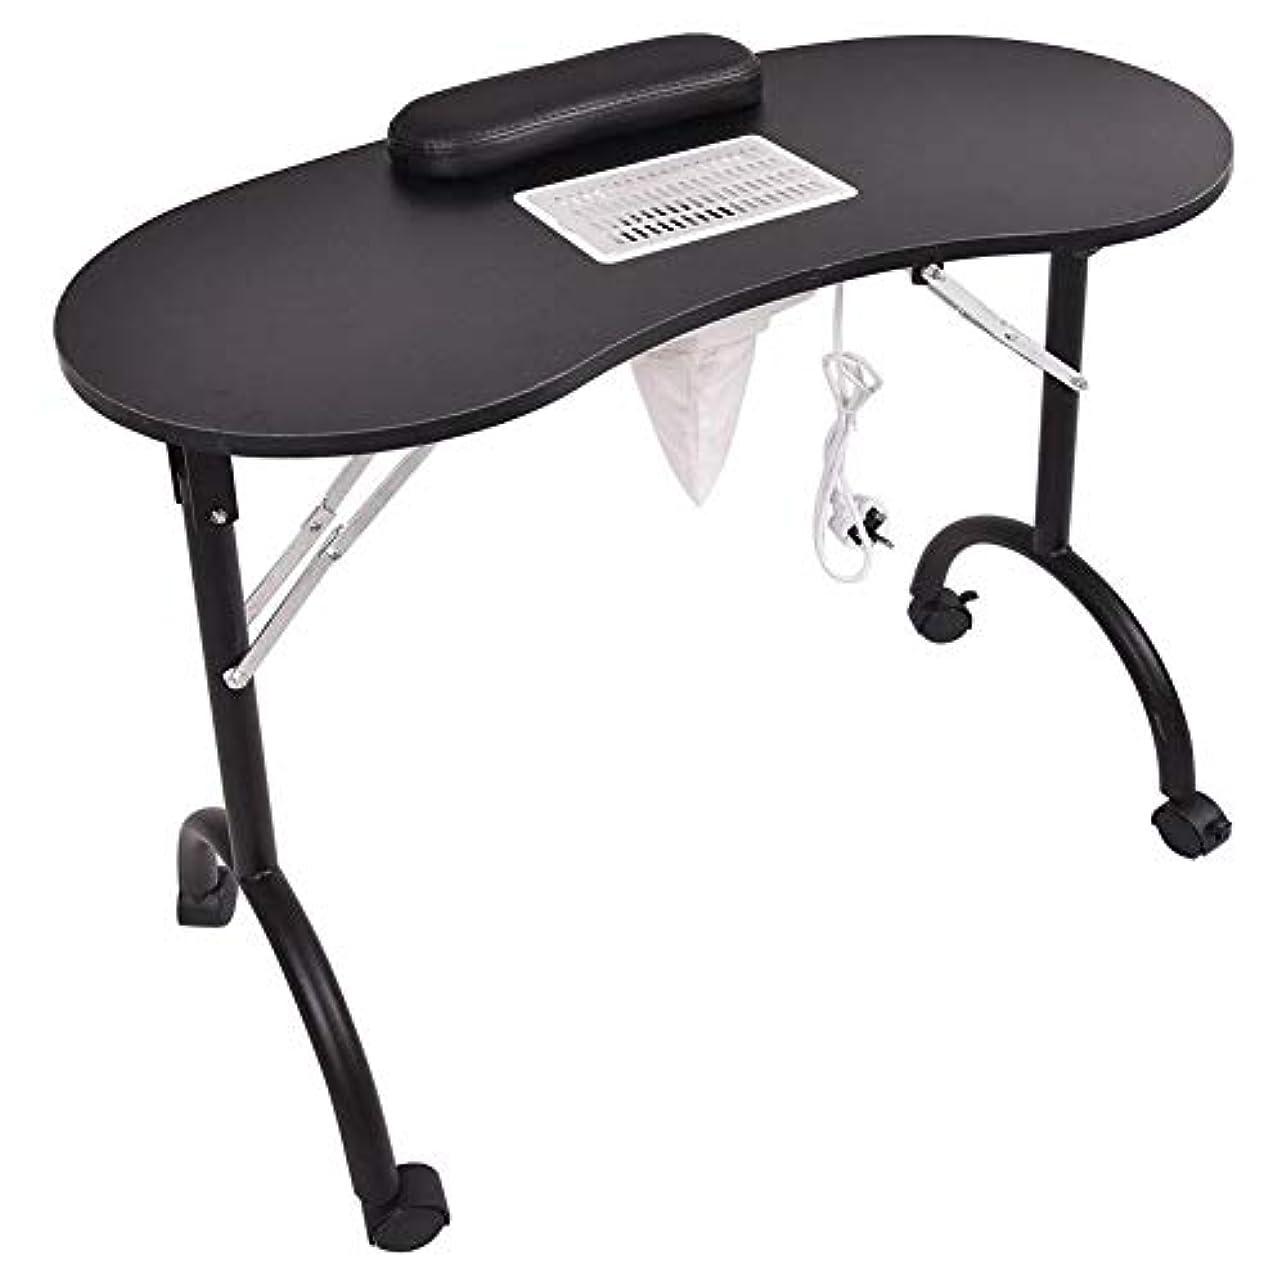 ステッチタイムリーなエチケットマニキュアテーブル折りたたみ式ポータブルネイルテーブルベントマニキュアテーブルネイルデスクサロンスパネイル掃除機andbag